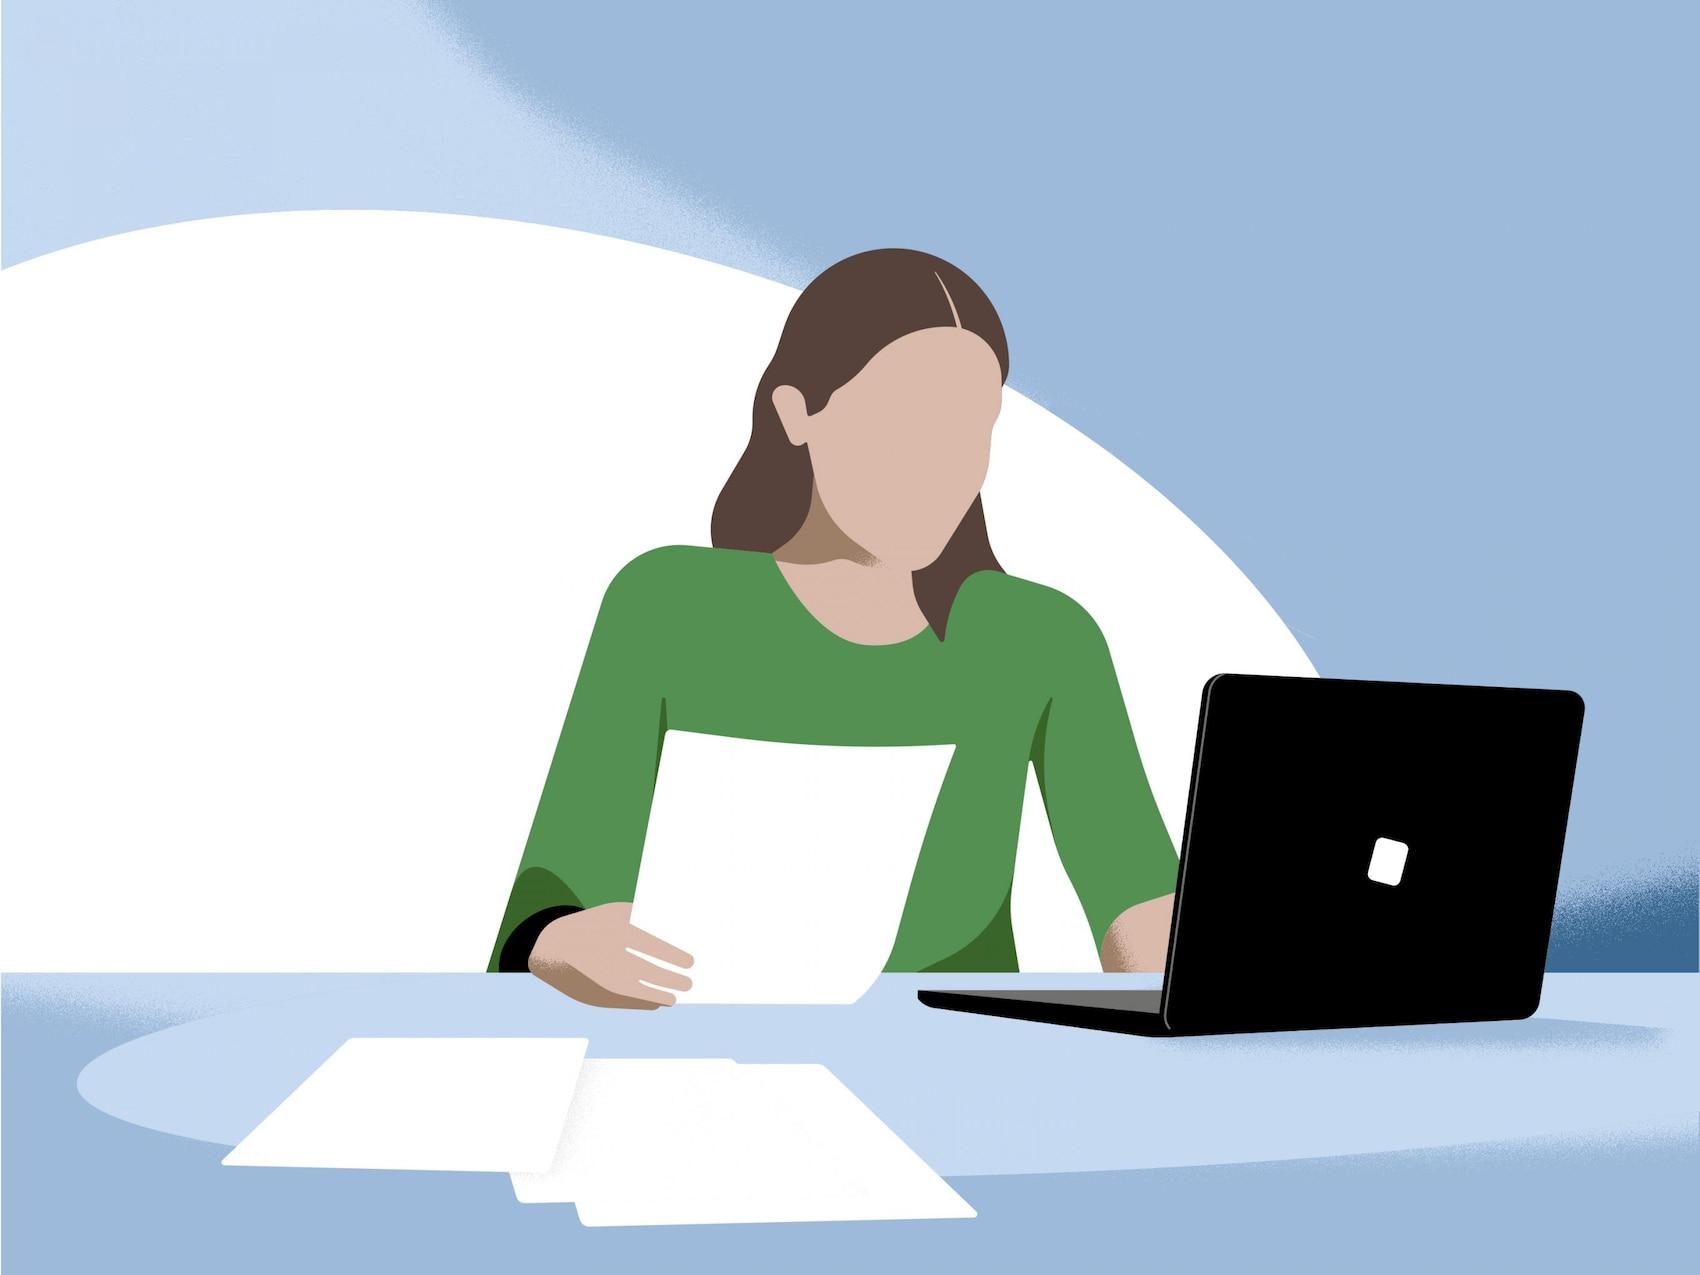 Nainen istuu avatun kannettavan tietokoneen ääressä.